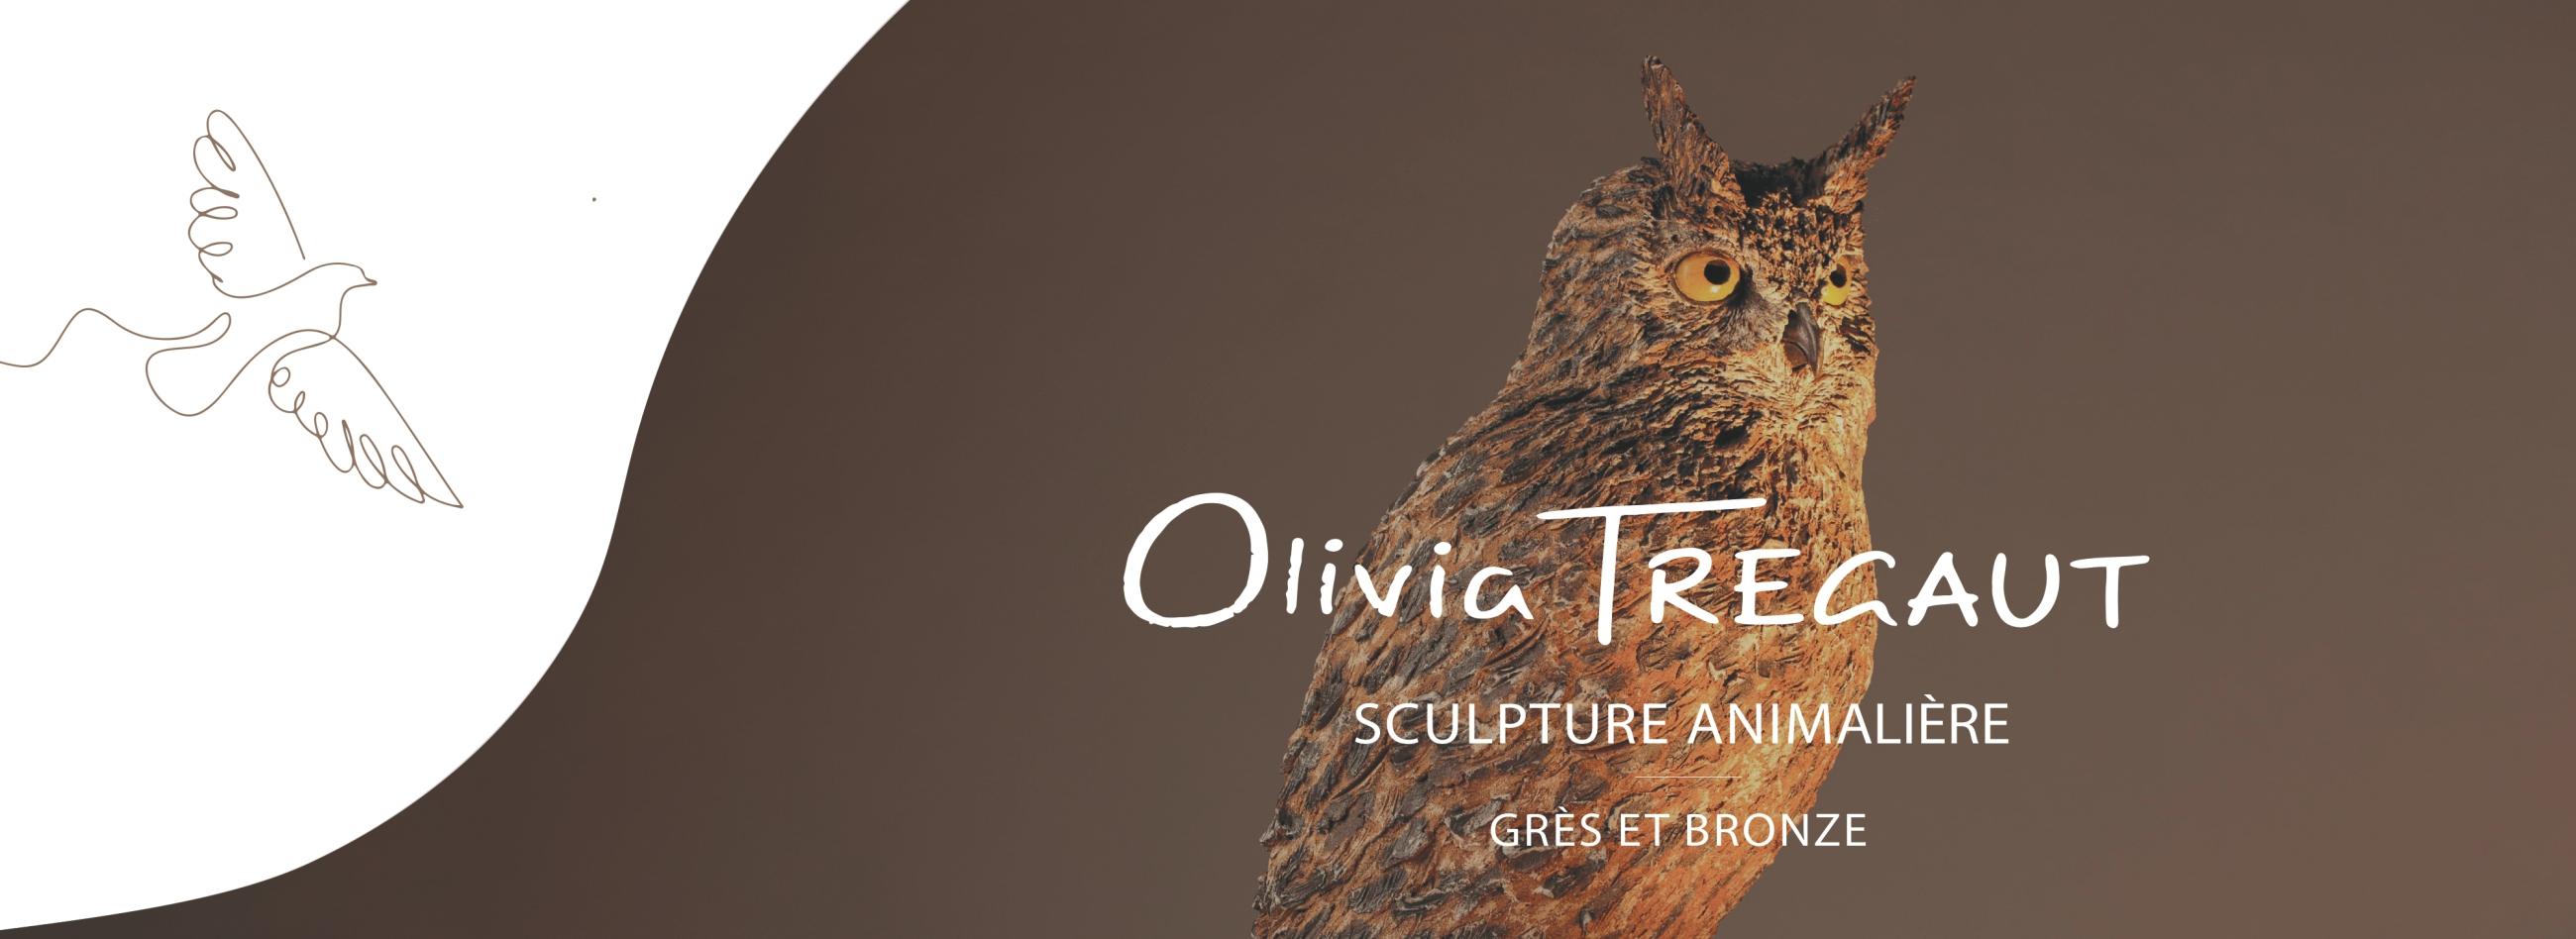 sculpture, sculpteur, sculptrice, grès, céramique, bronze, atelier, travail